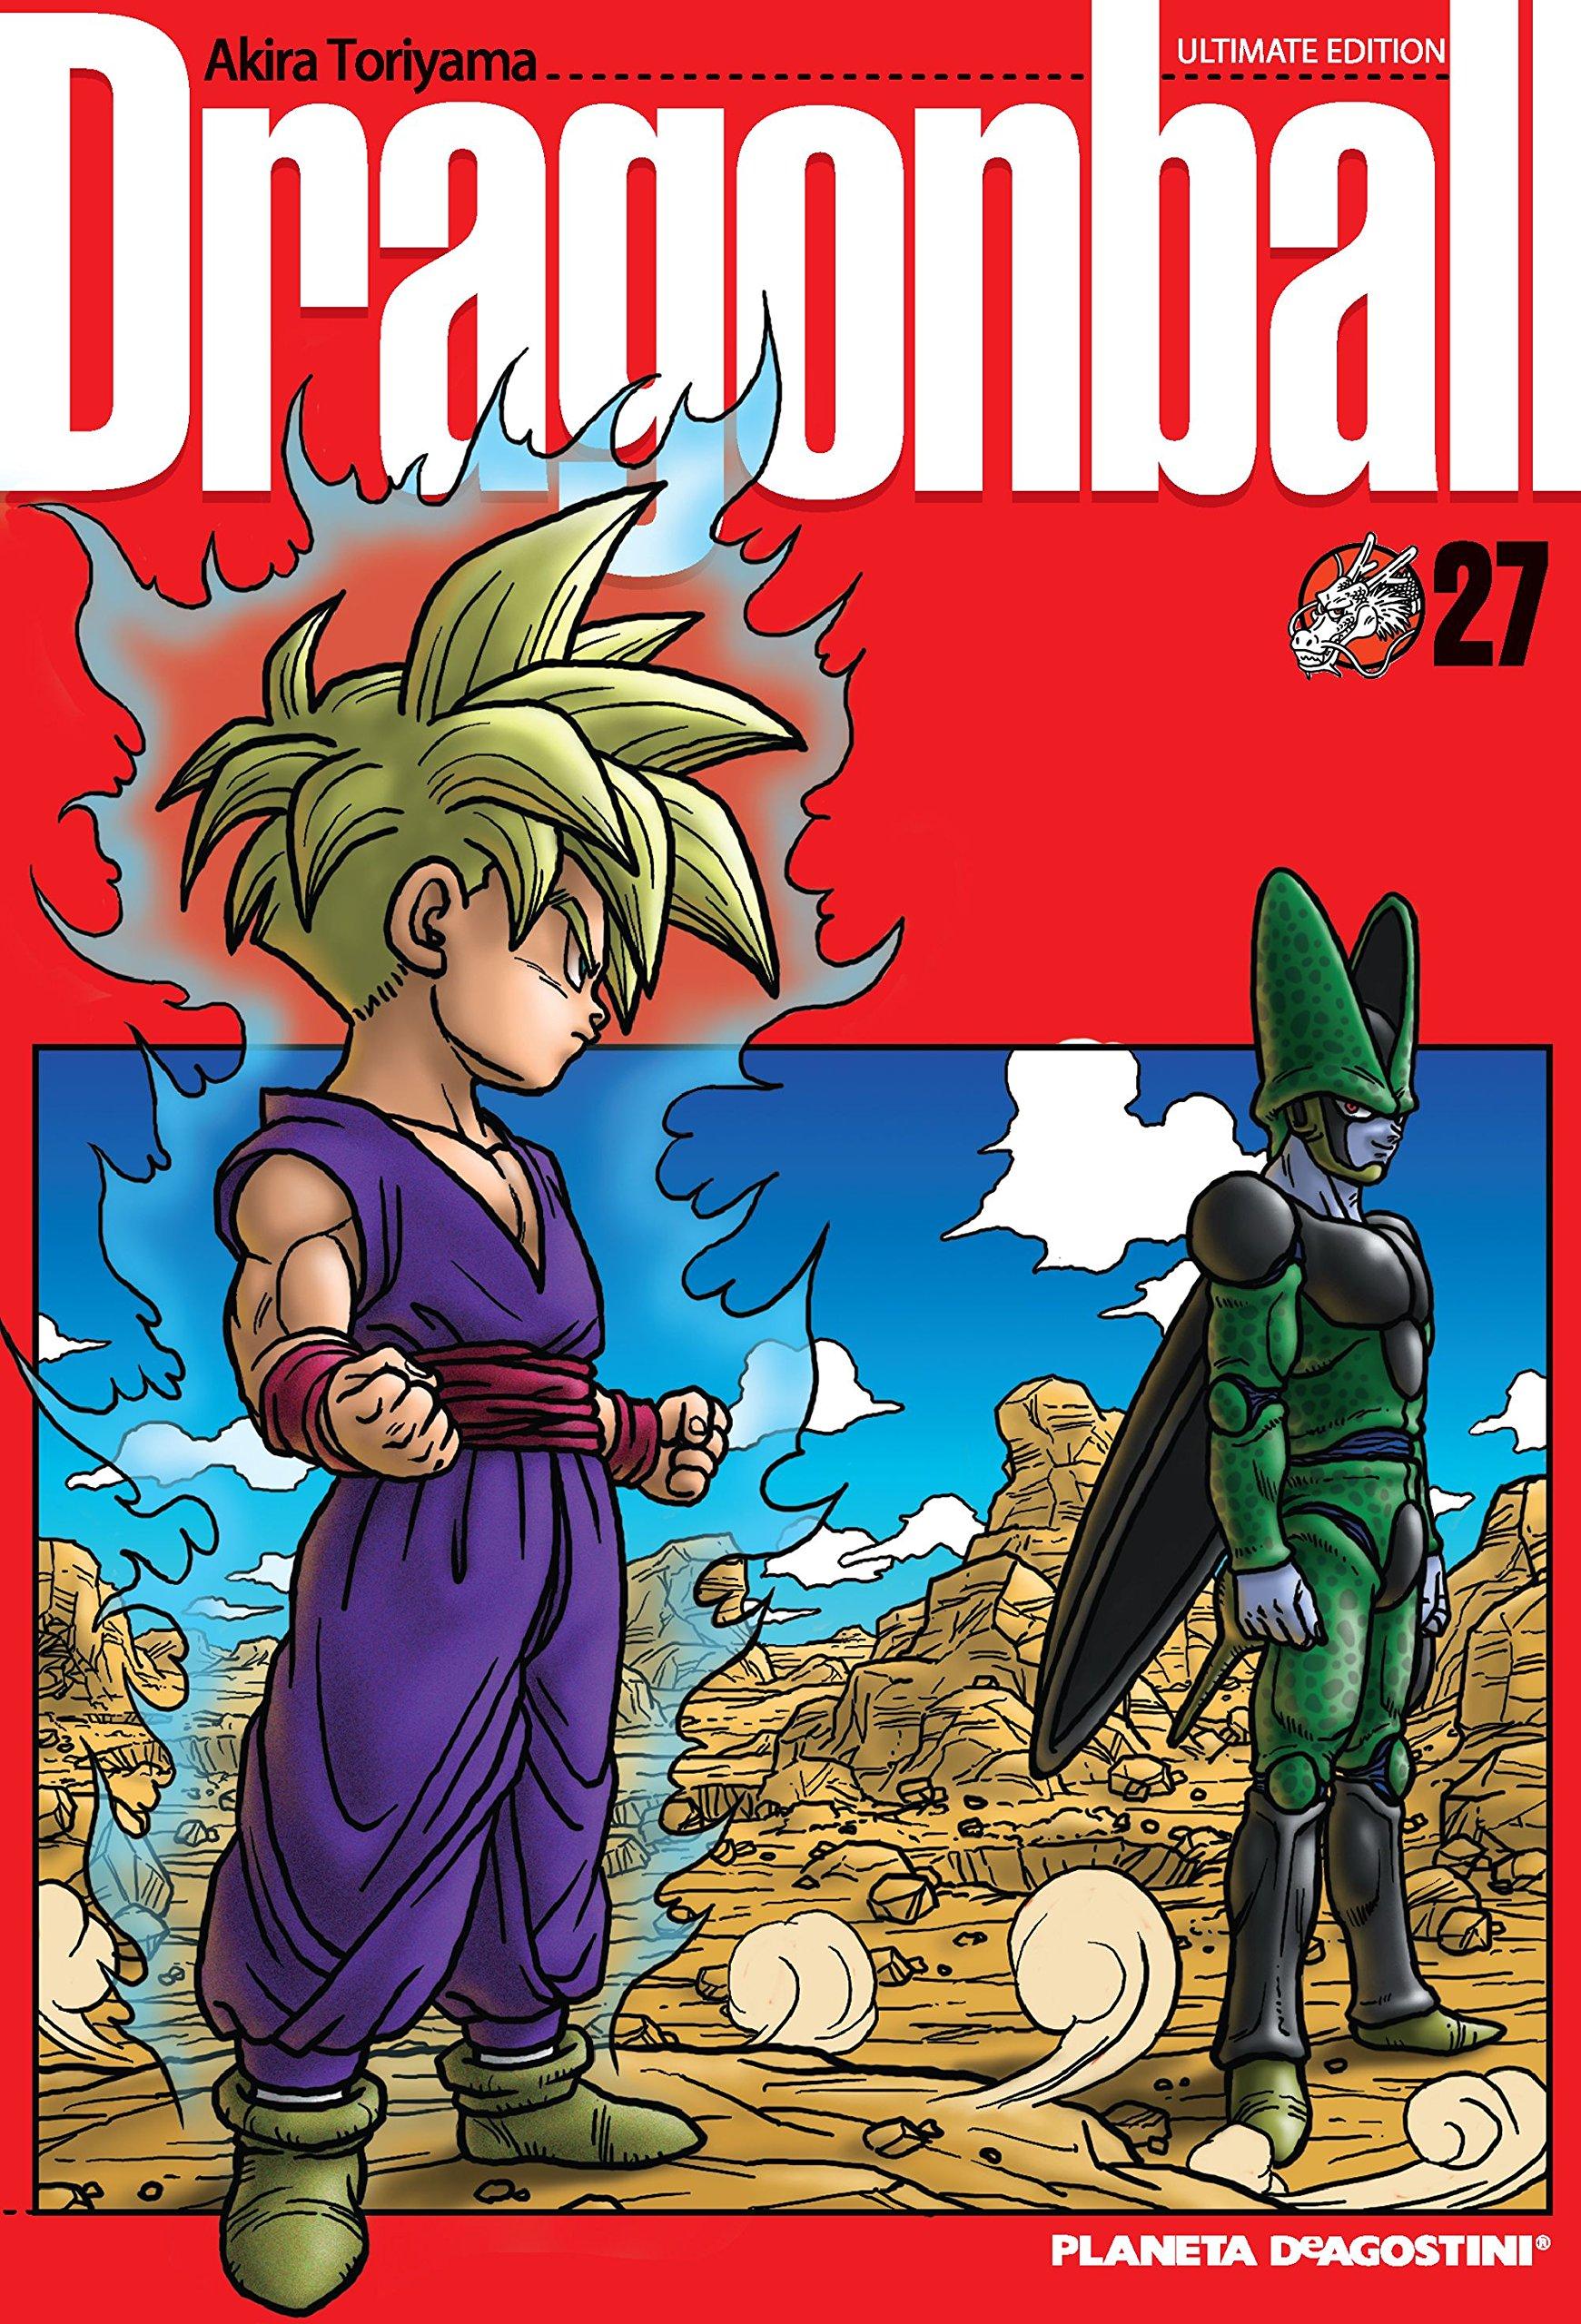 Dragon Ball nº 27/34 (DRAGON BALL ULTIMATE) Tapa blanda – 13 sep 2008 Akira Toriyama Planeta DeAgostini Cómics 8468470600 1875850